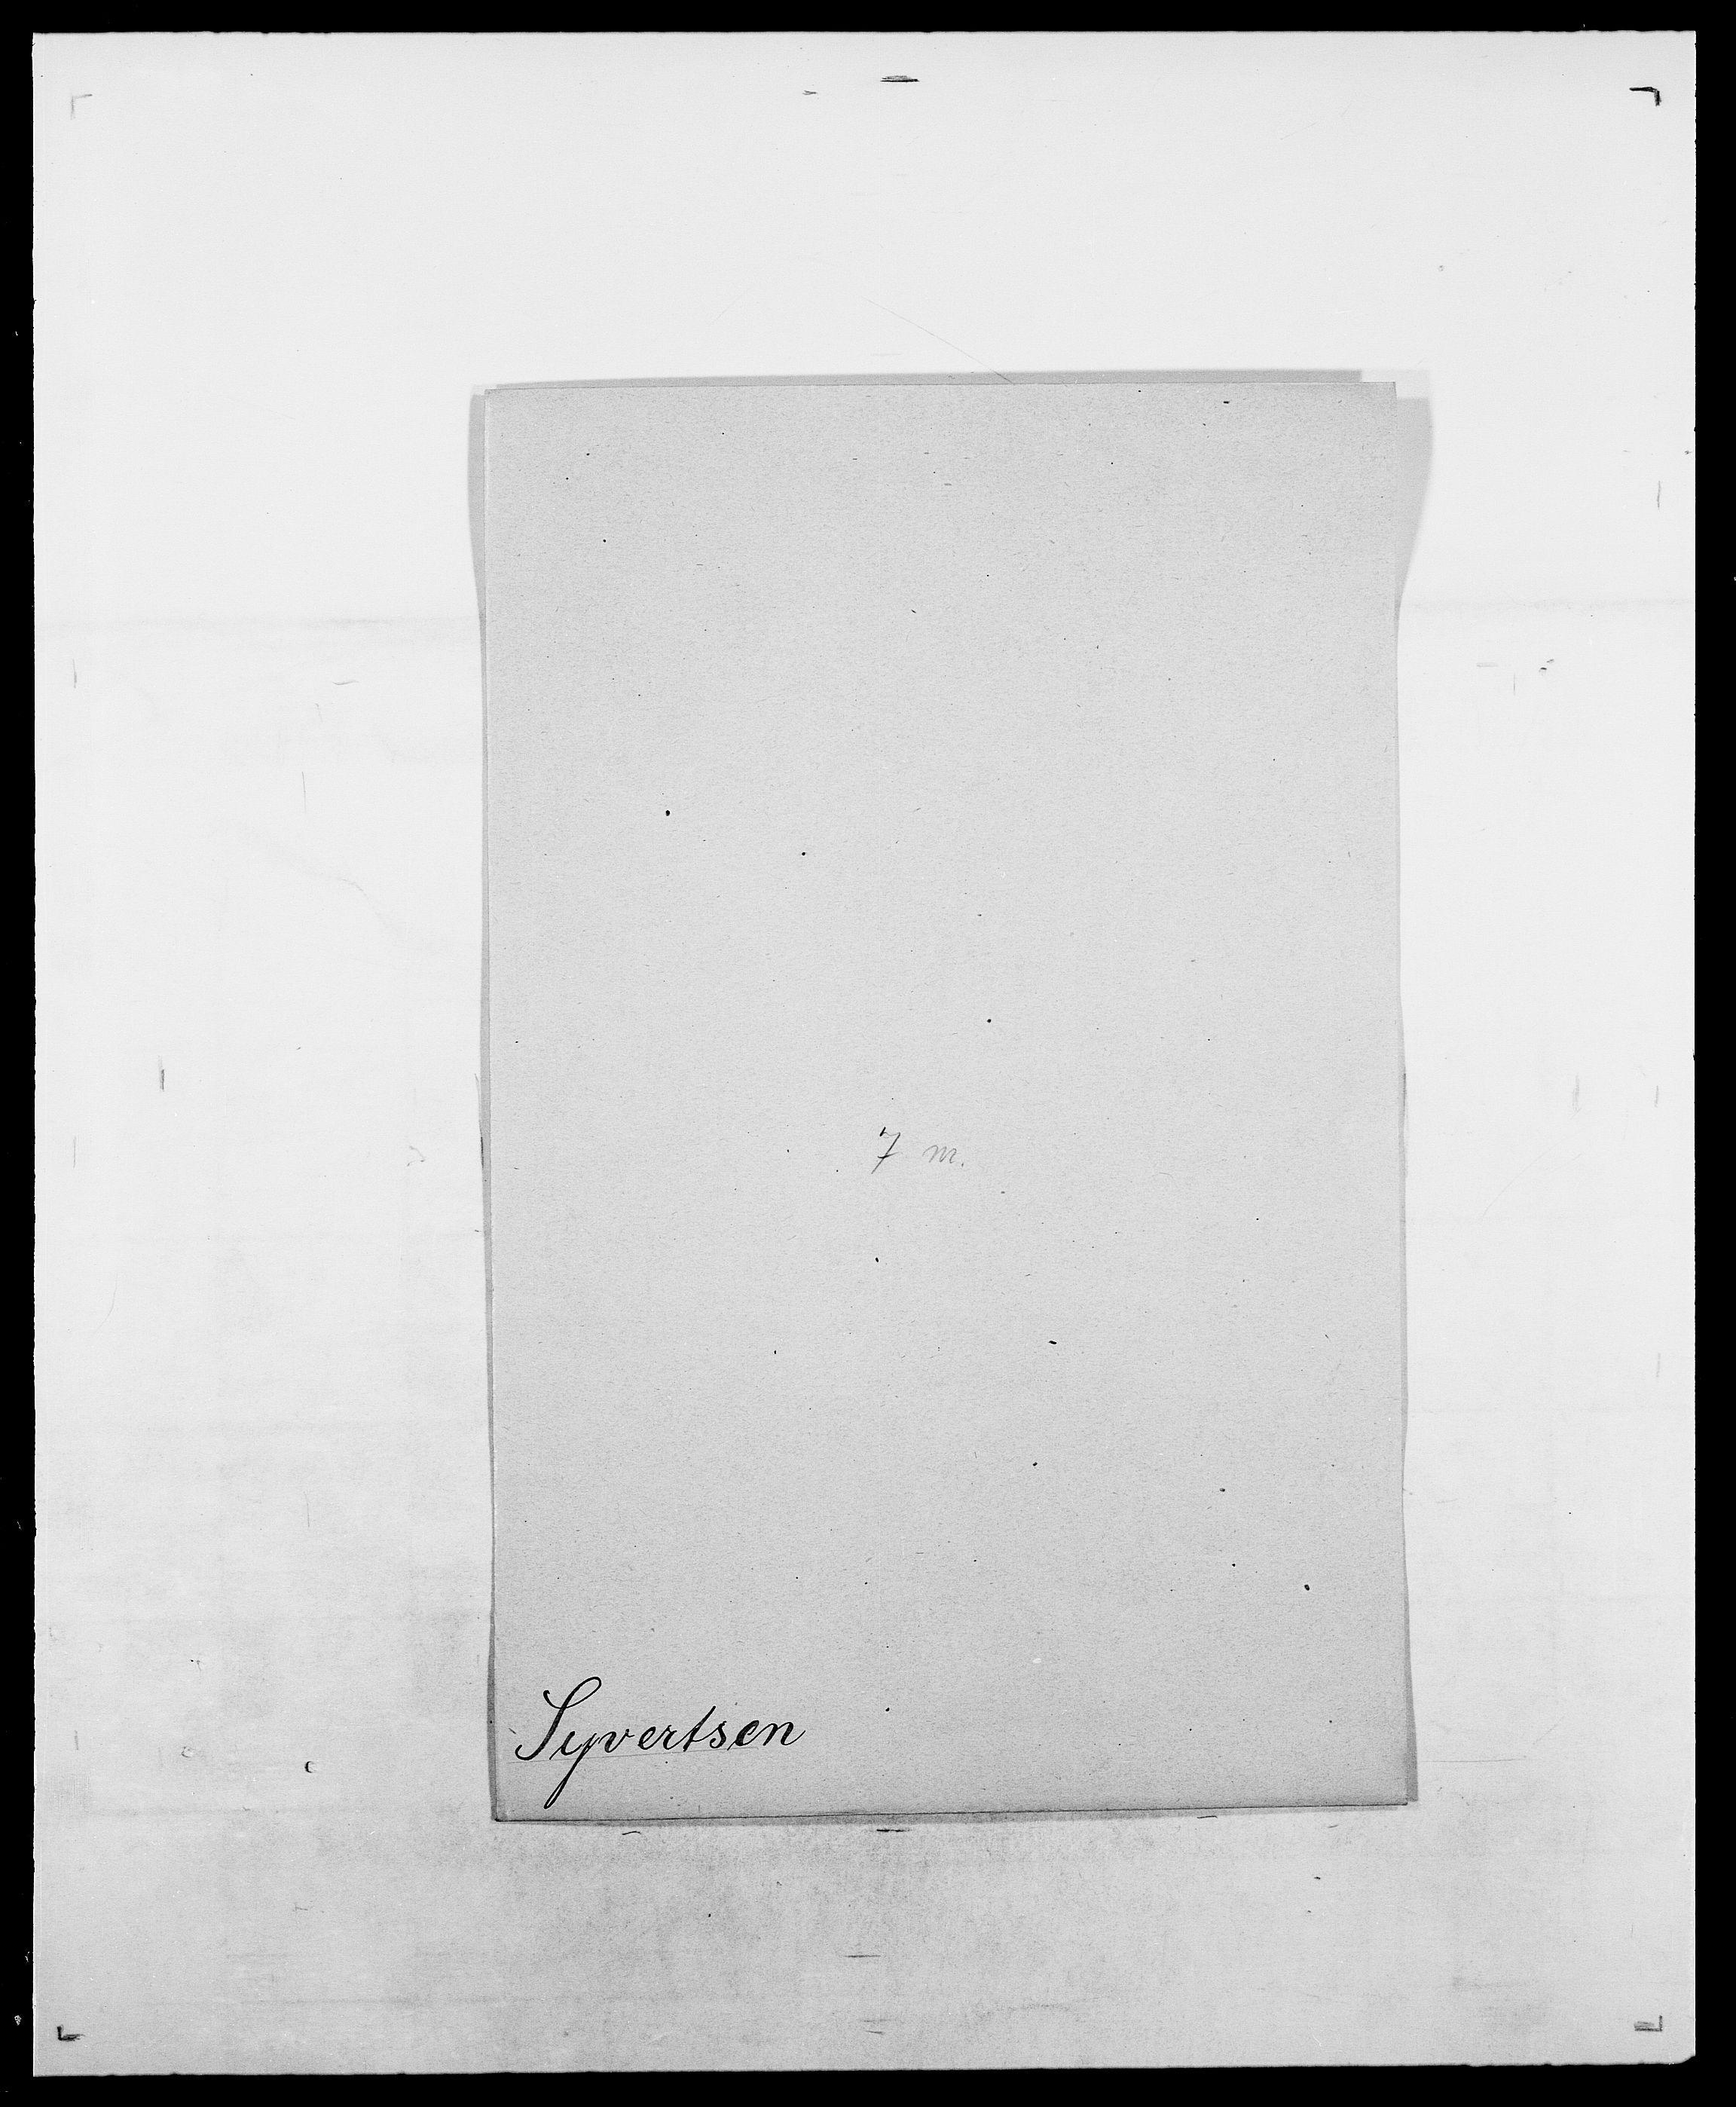 SAO, Delgobe, Charles Antoine - samling, D/Da/L0038: Svanenskjold - Thornsohn, s. 112